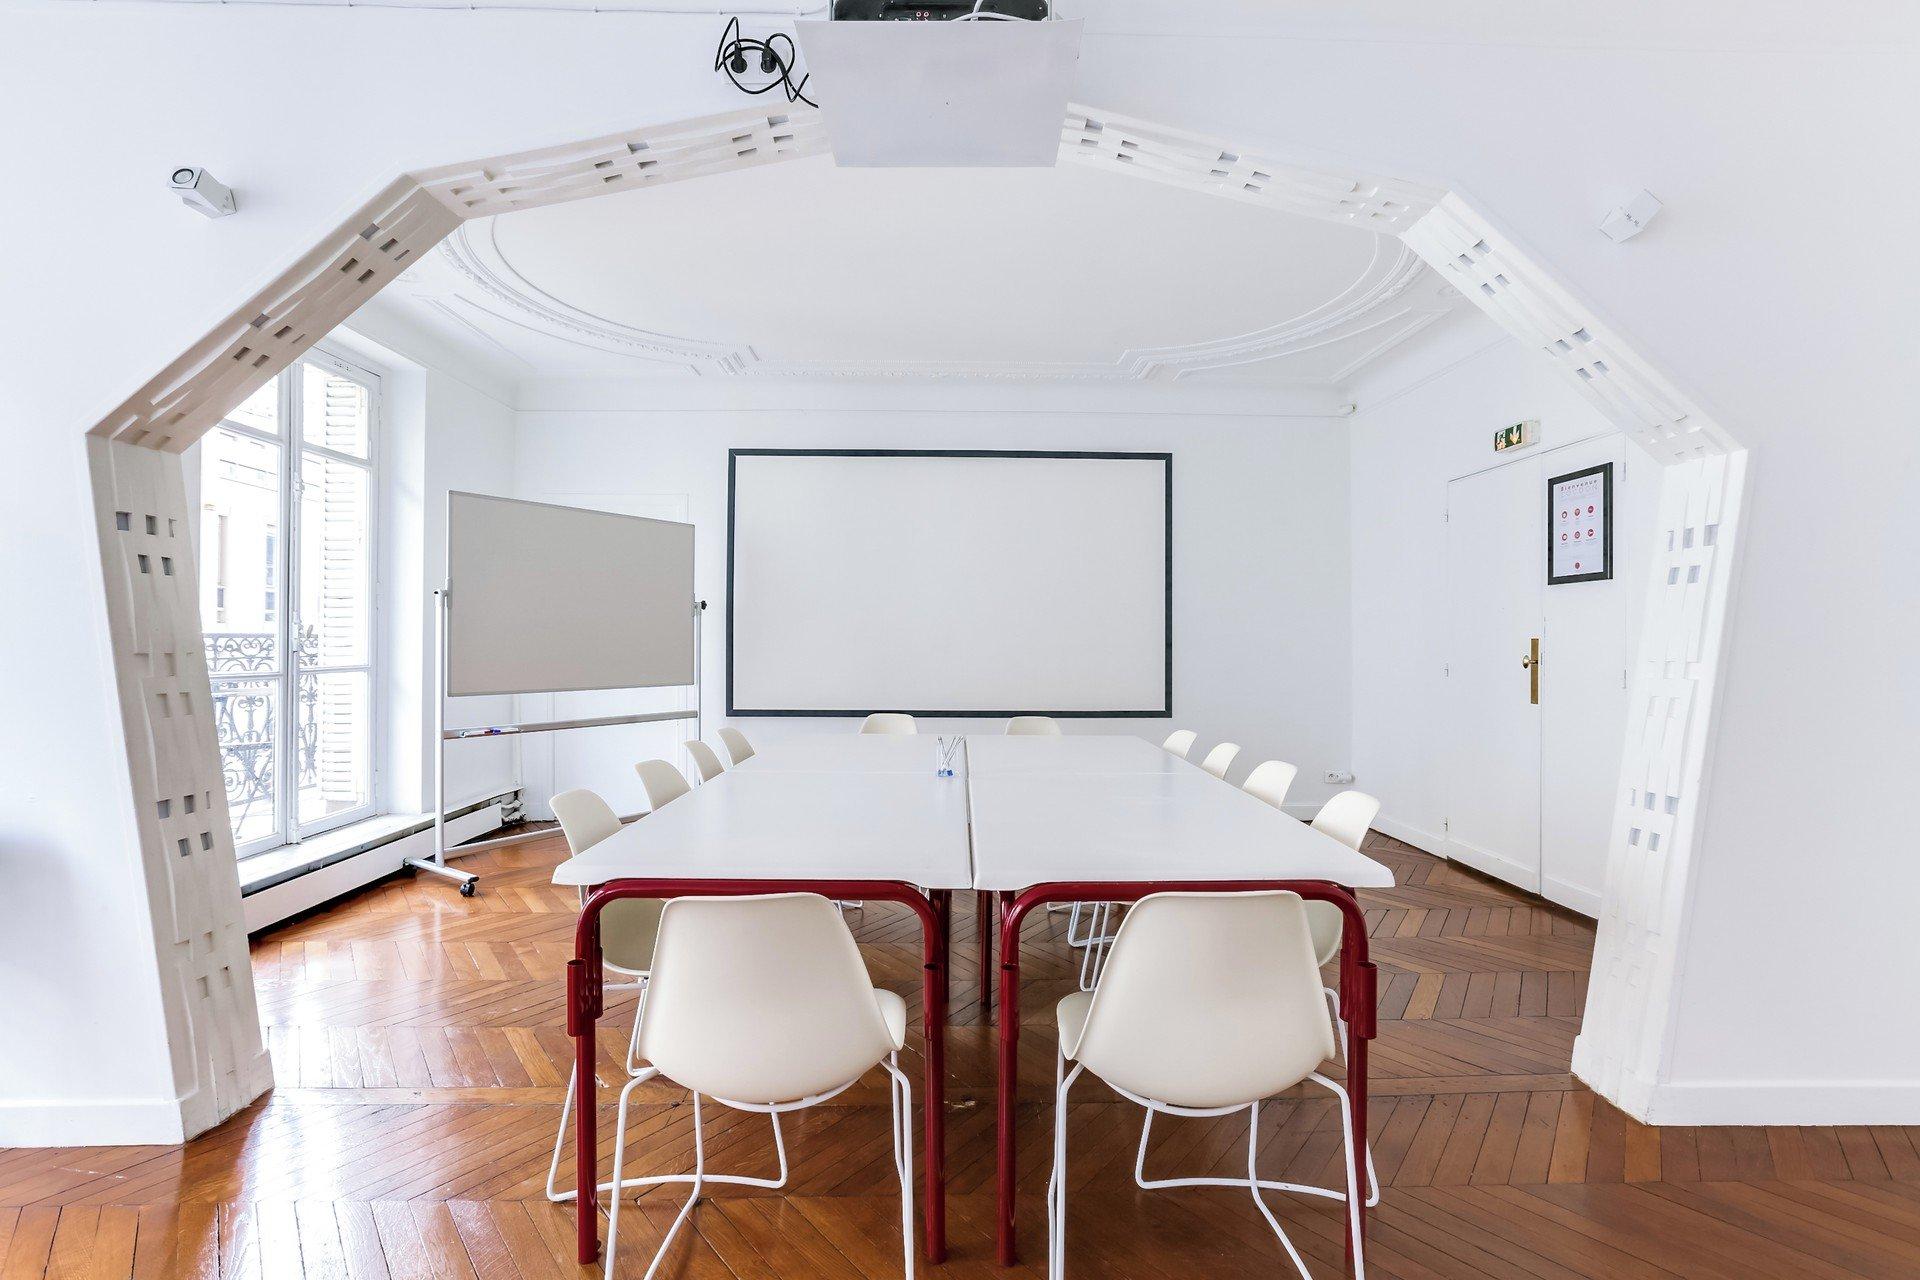 Paris Espaces de travail Salle de réunion Cocoon Pyramides - Steffie image 2